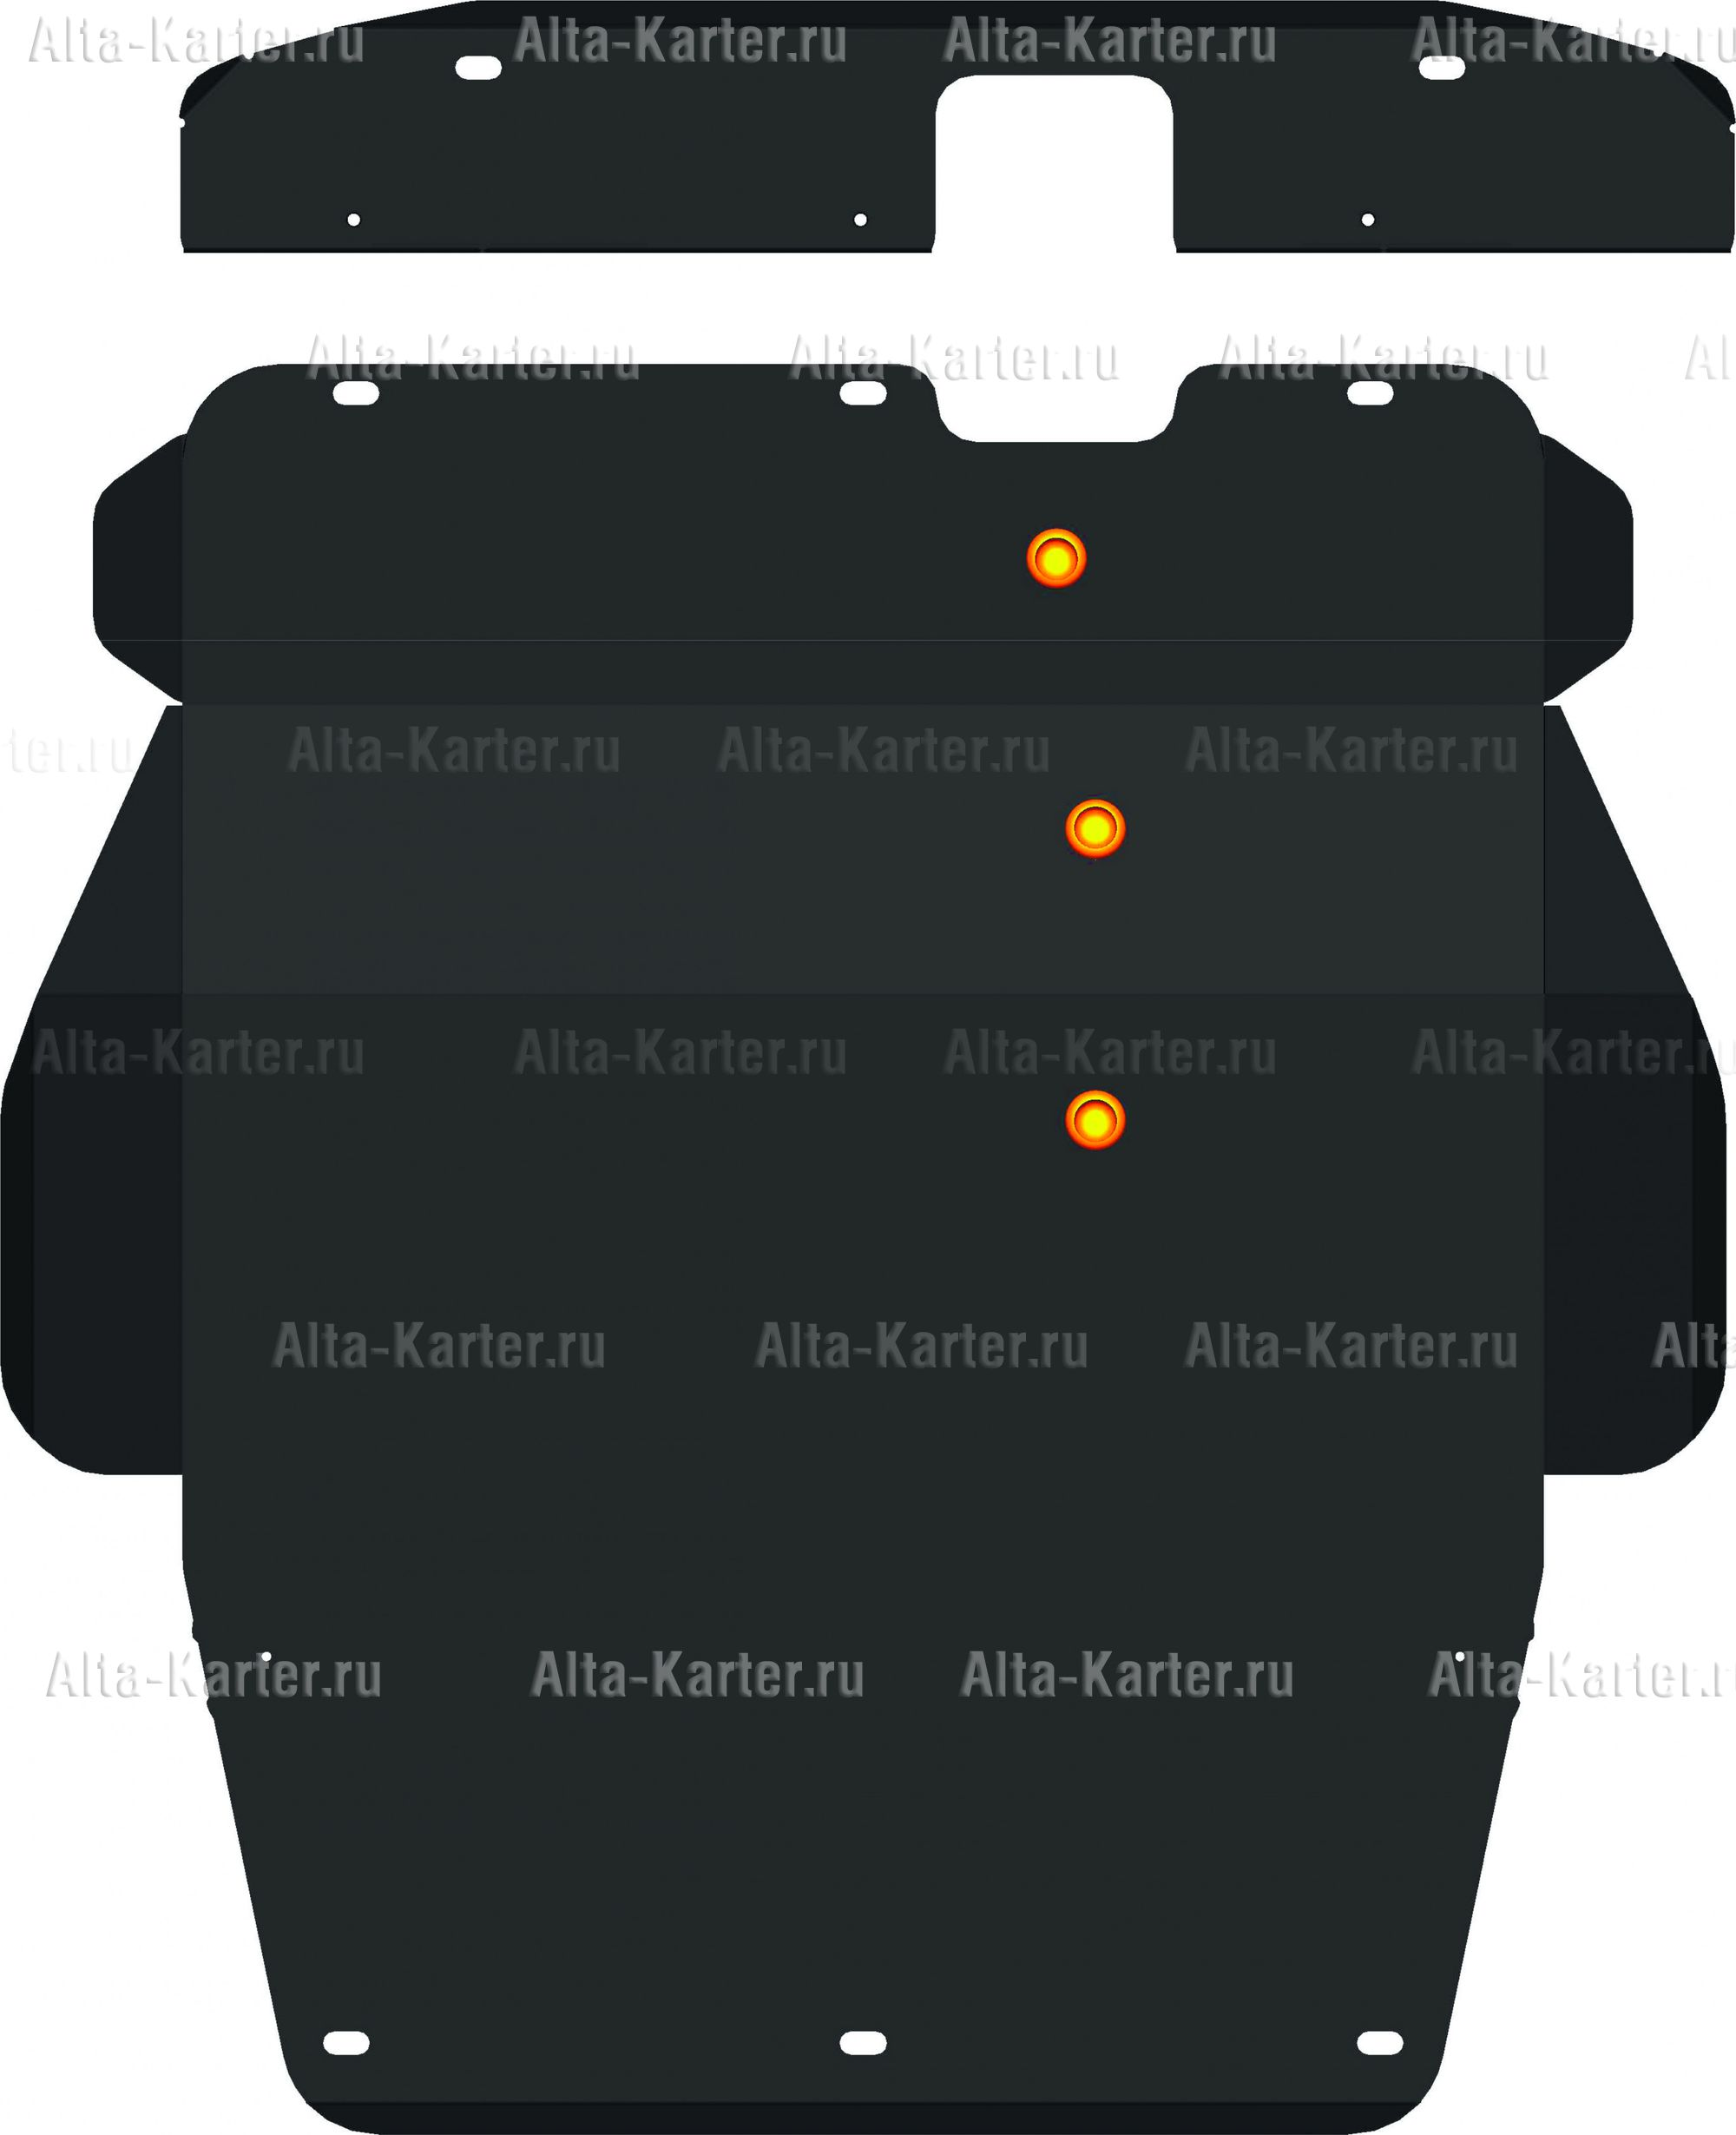 Защита Alfeco для картера и КПП Mitsubishi Galant VII 1992-1997. Артикул ALF.14.18